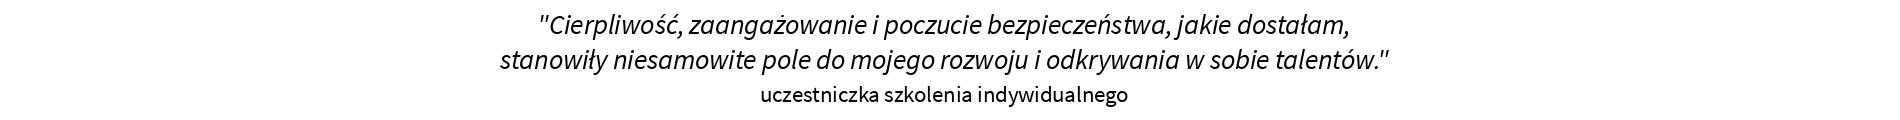 napisy21